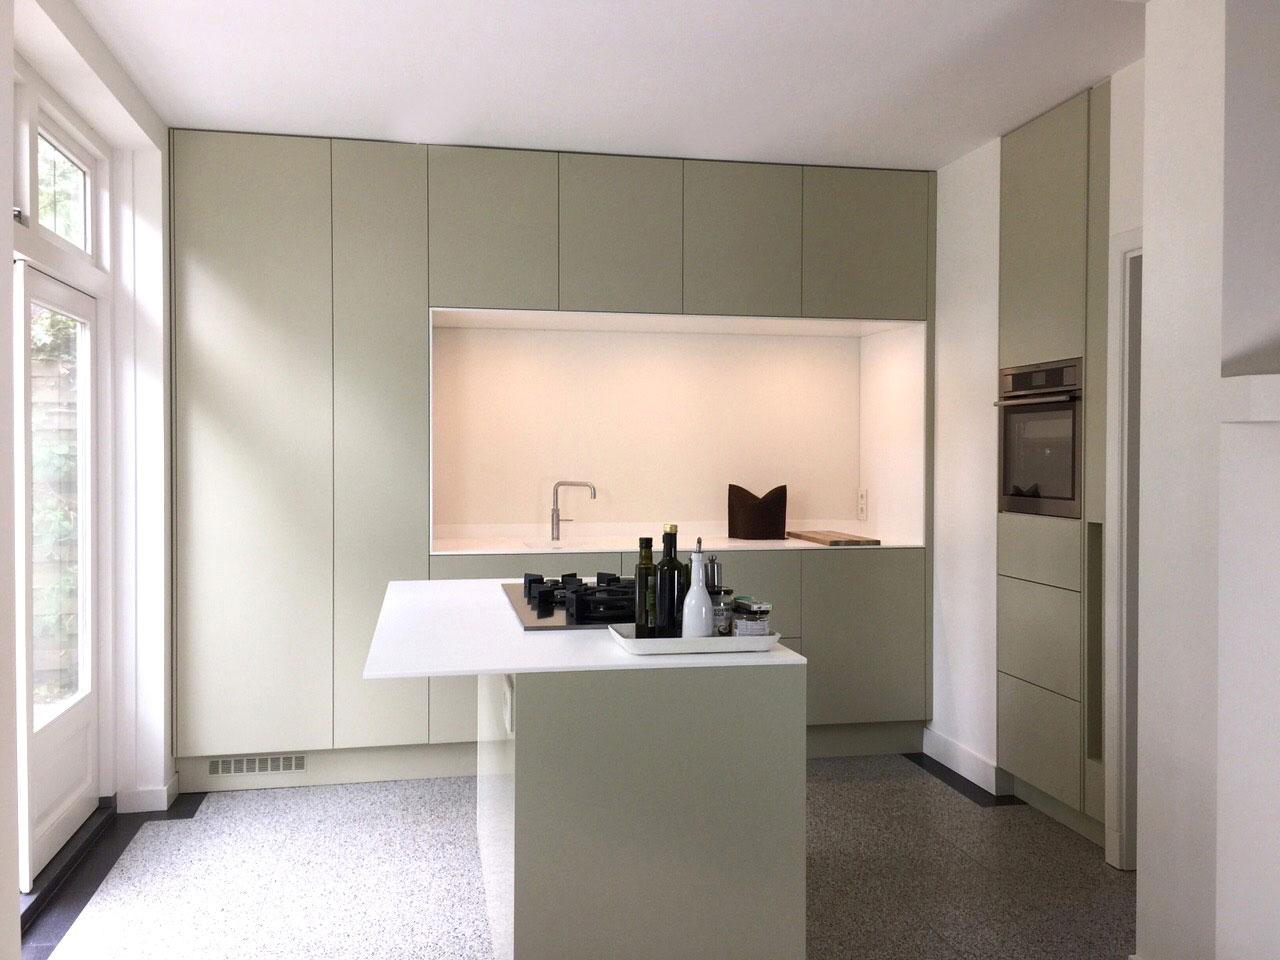 Keukens op maat laten maken  Mijn Keukens op Maat laten maken